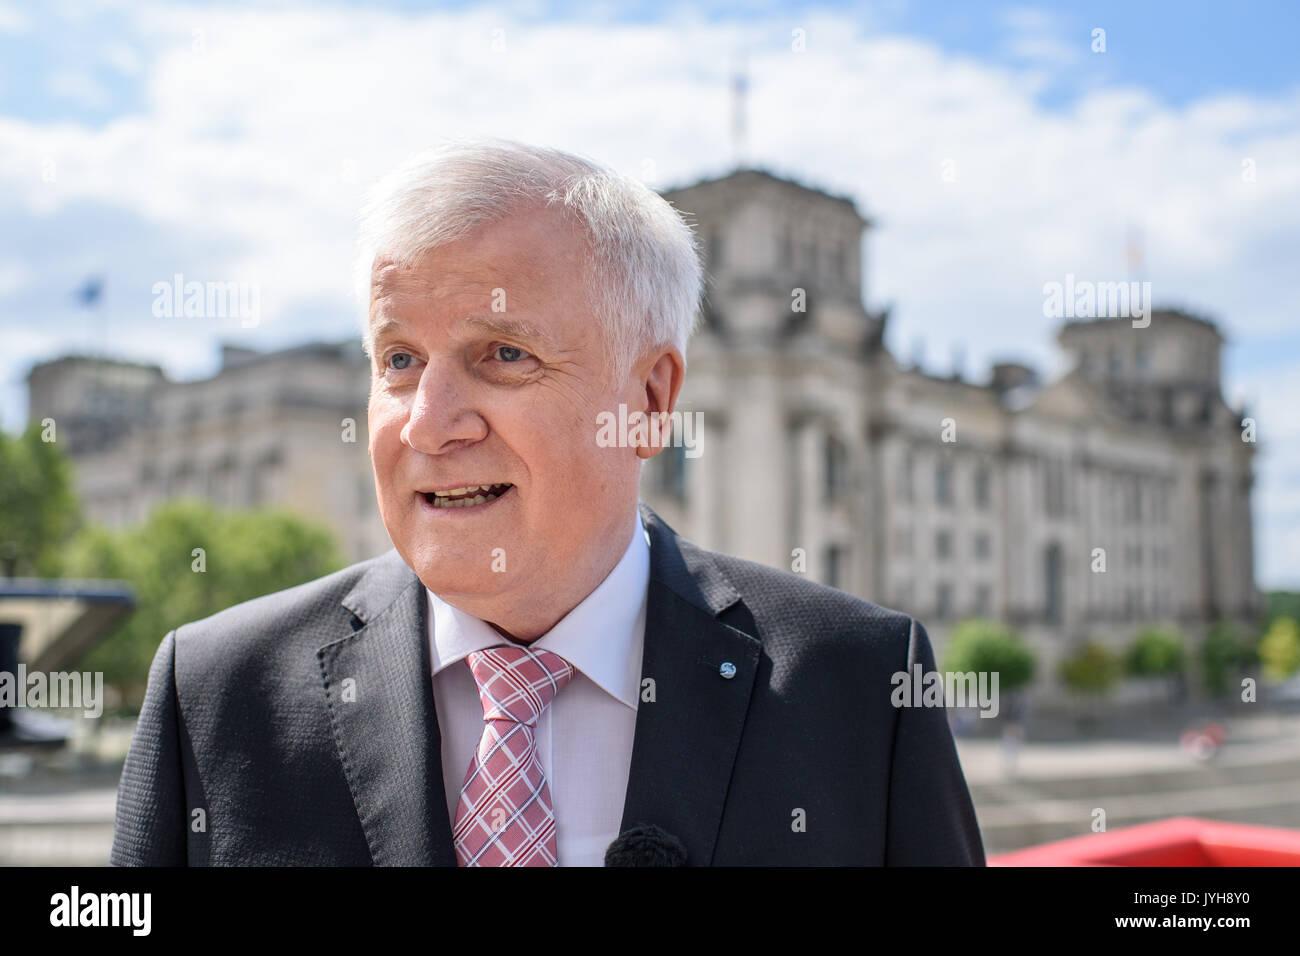 Berlin Deutschland 20 Aug 2017 Horst Seehofer Ministerpräsident